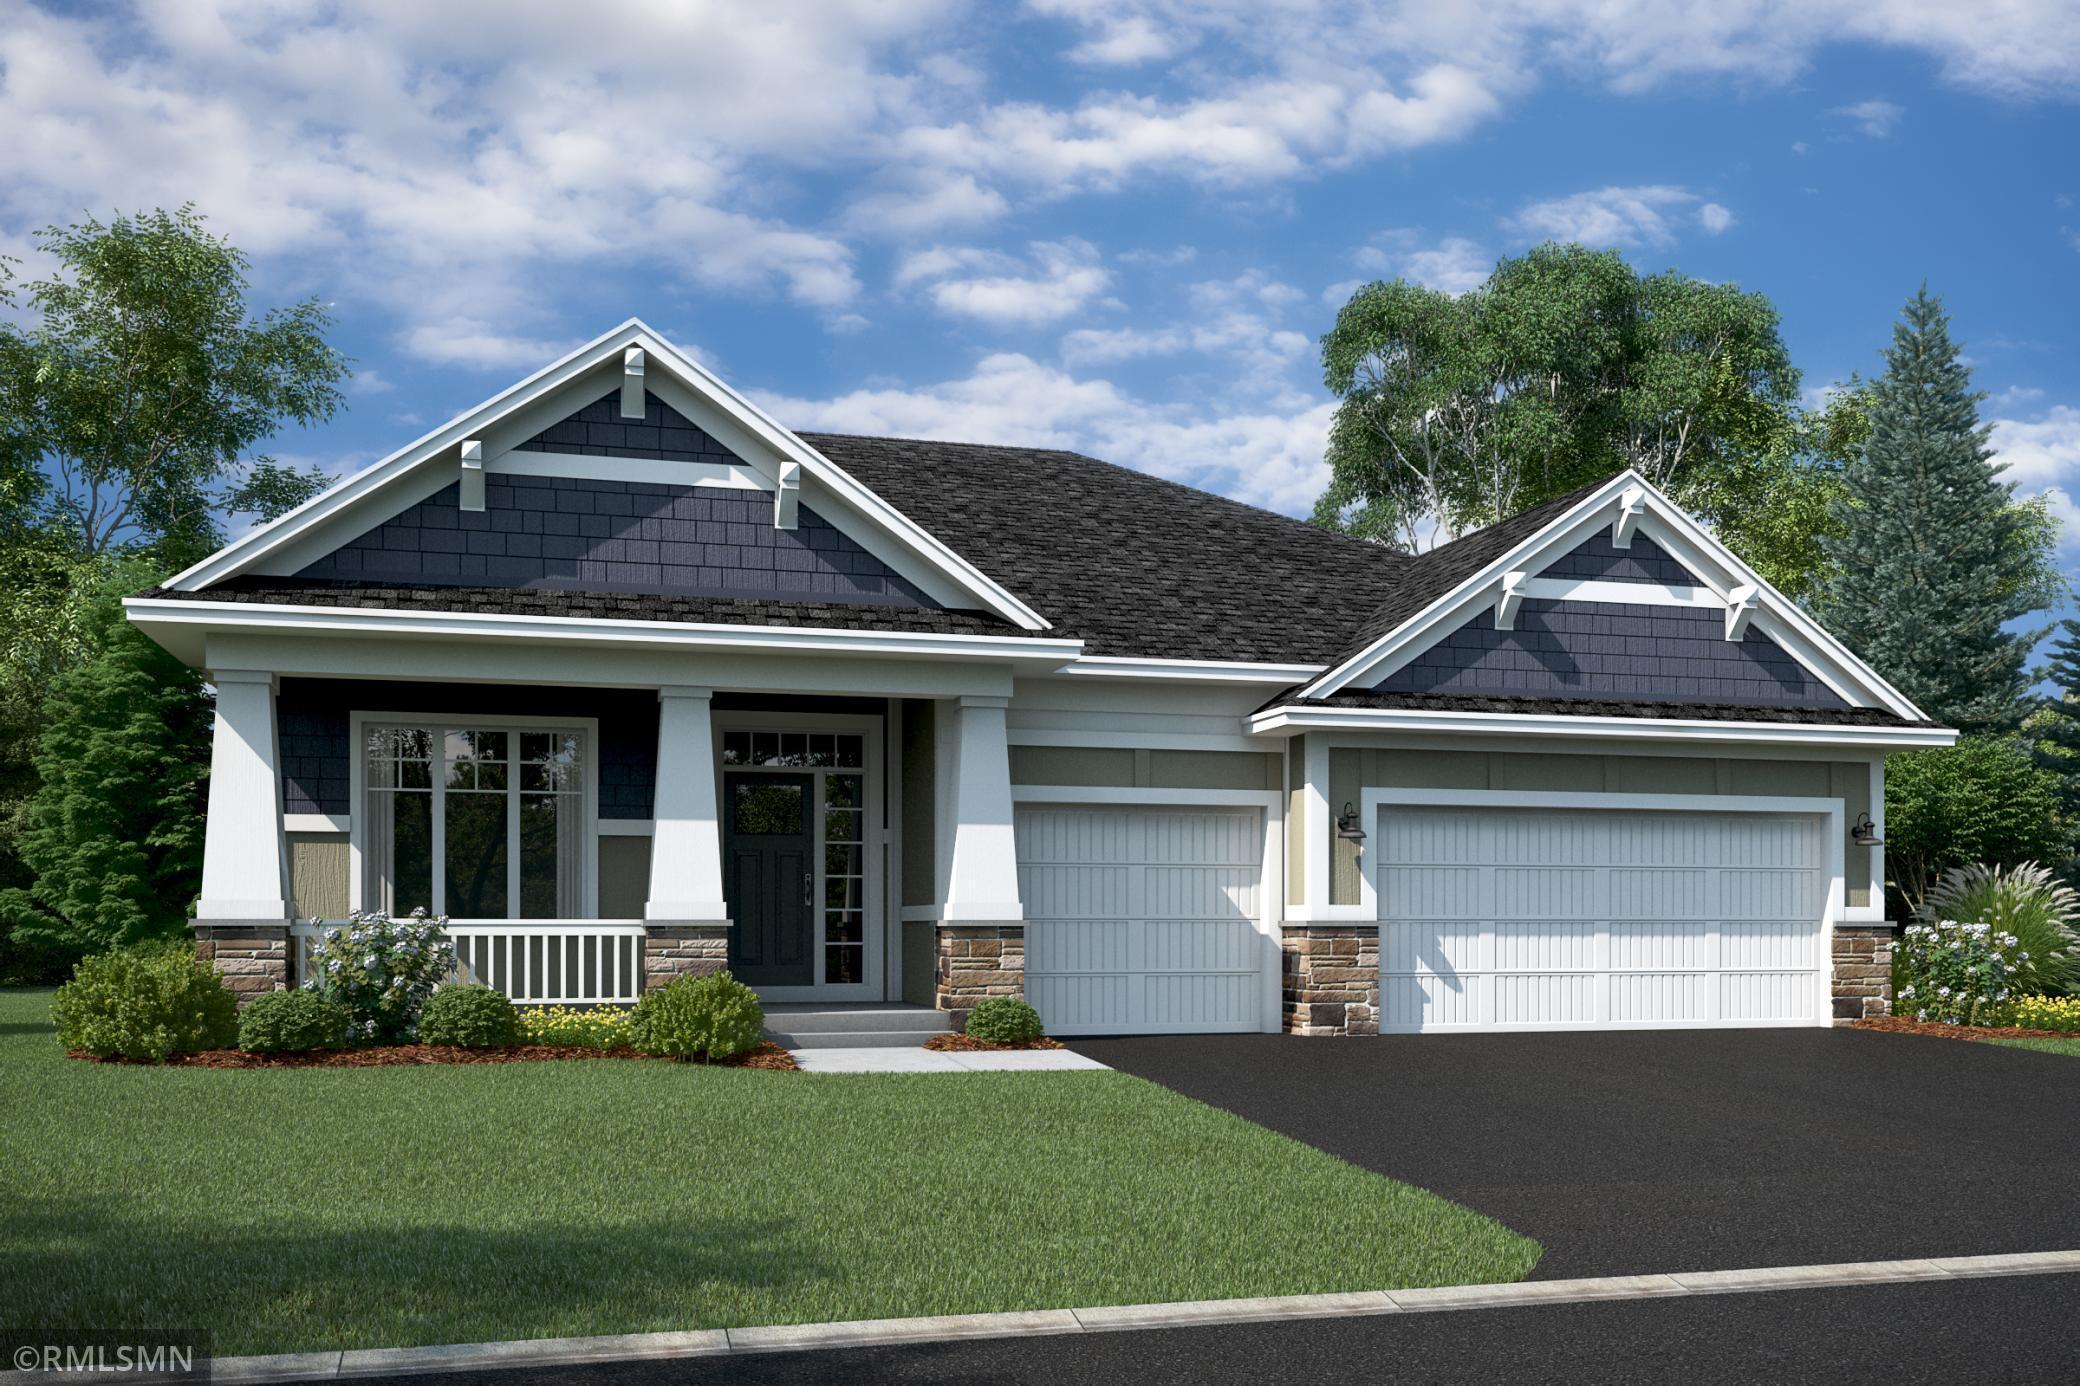 121 Maple Terrace, Waconia MN 55387 - Photo 1